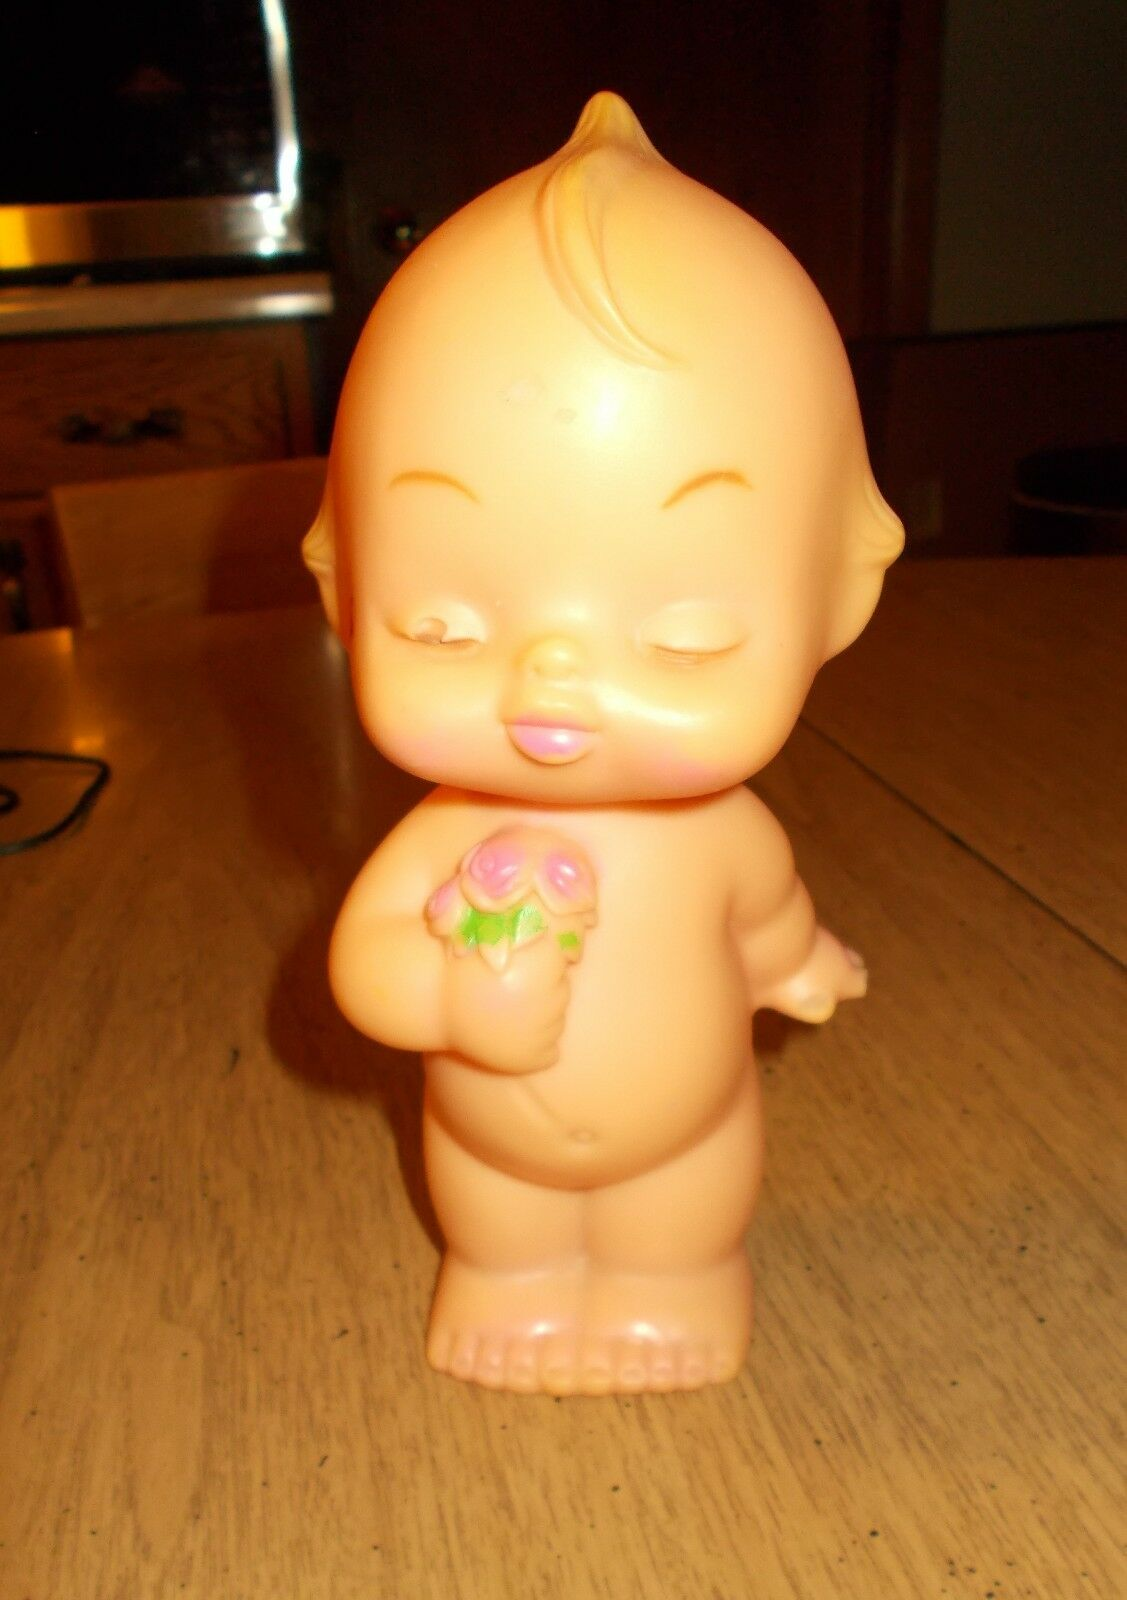 Vintage Kewpie Sleeping Lounging Molded Rubber Vinyl Baby Cupie Doll Toy Crafts - $6.97